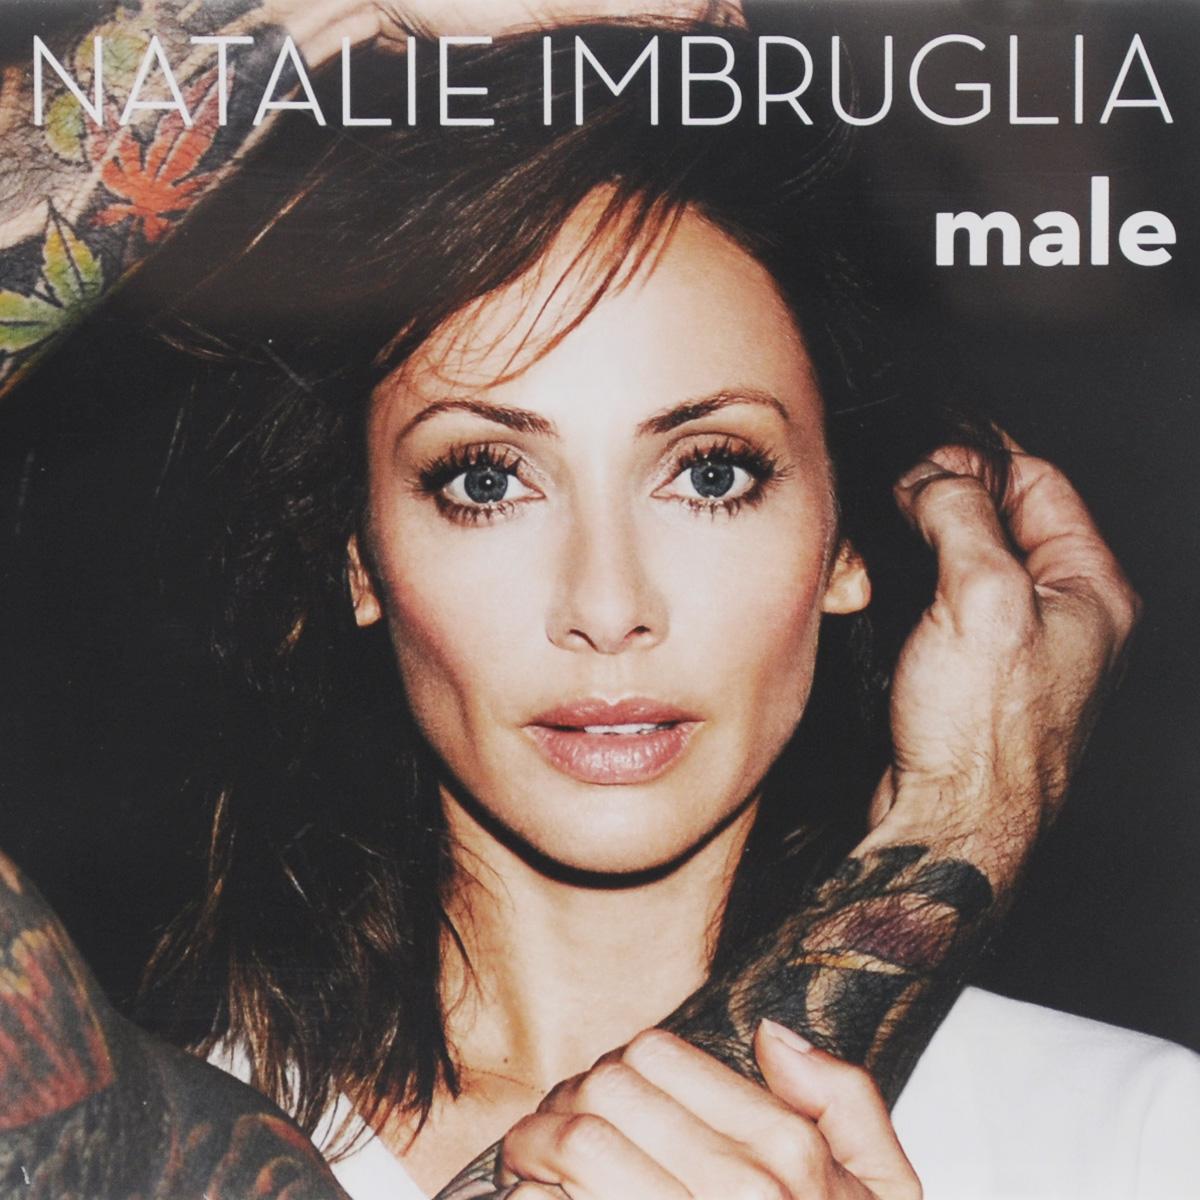 Натали Имбрулья Natalie Imbruglia. Male cd natalie imbruglia male